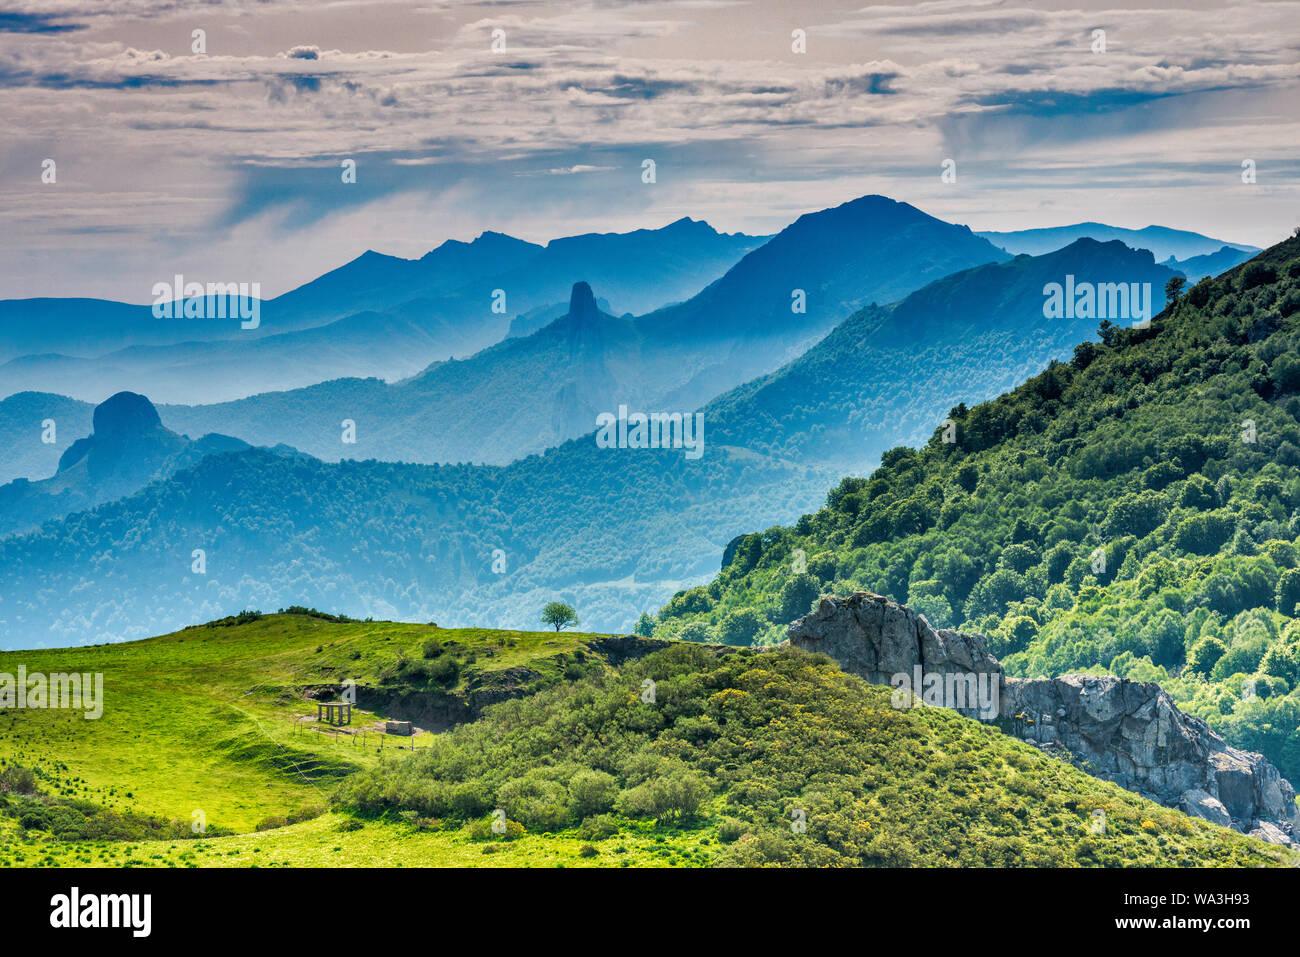 Cordillera Cantabrica distant mountain ranges, view from Mirador del Corzo on road N621 over Valle de Cereceda, Picos de Europa, Cantabria, Spain Stock Photo